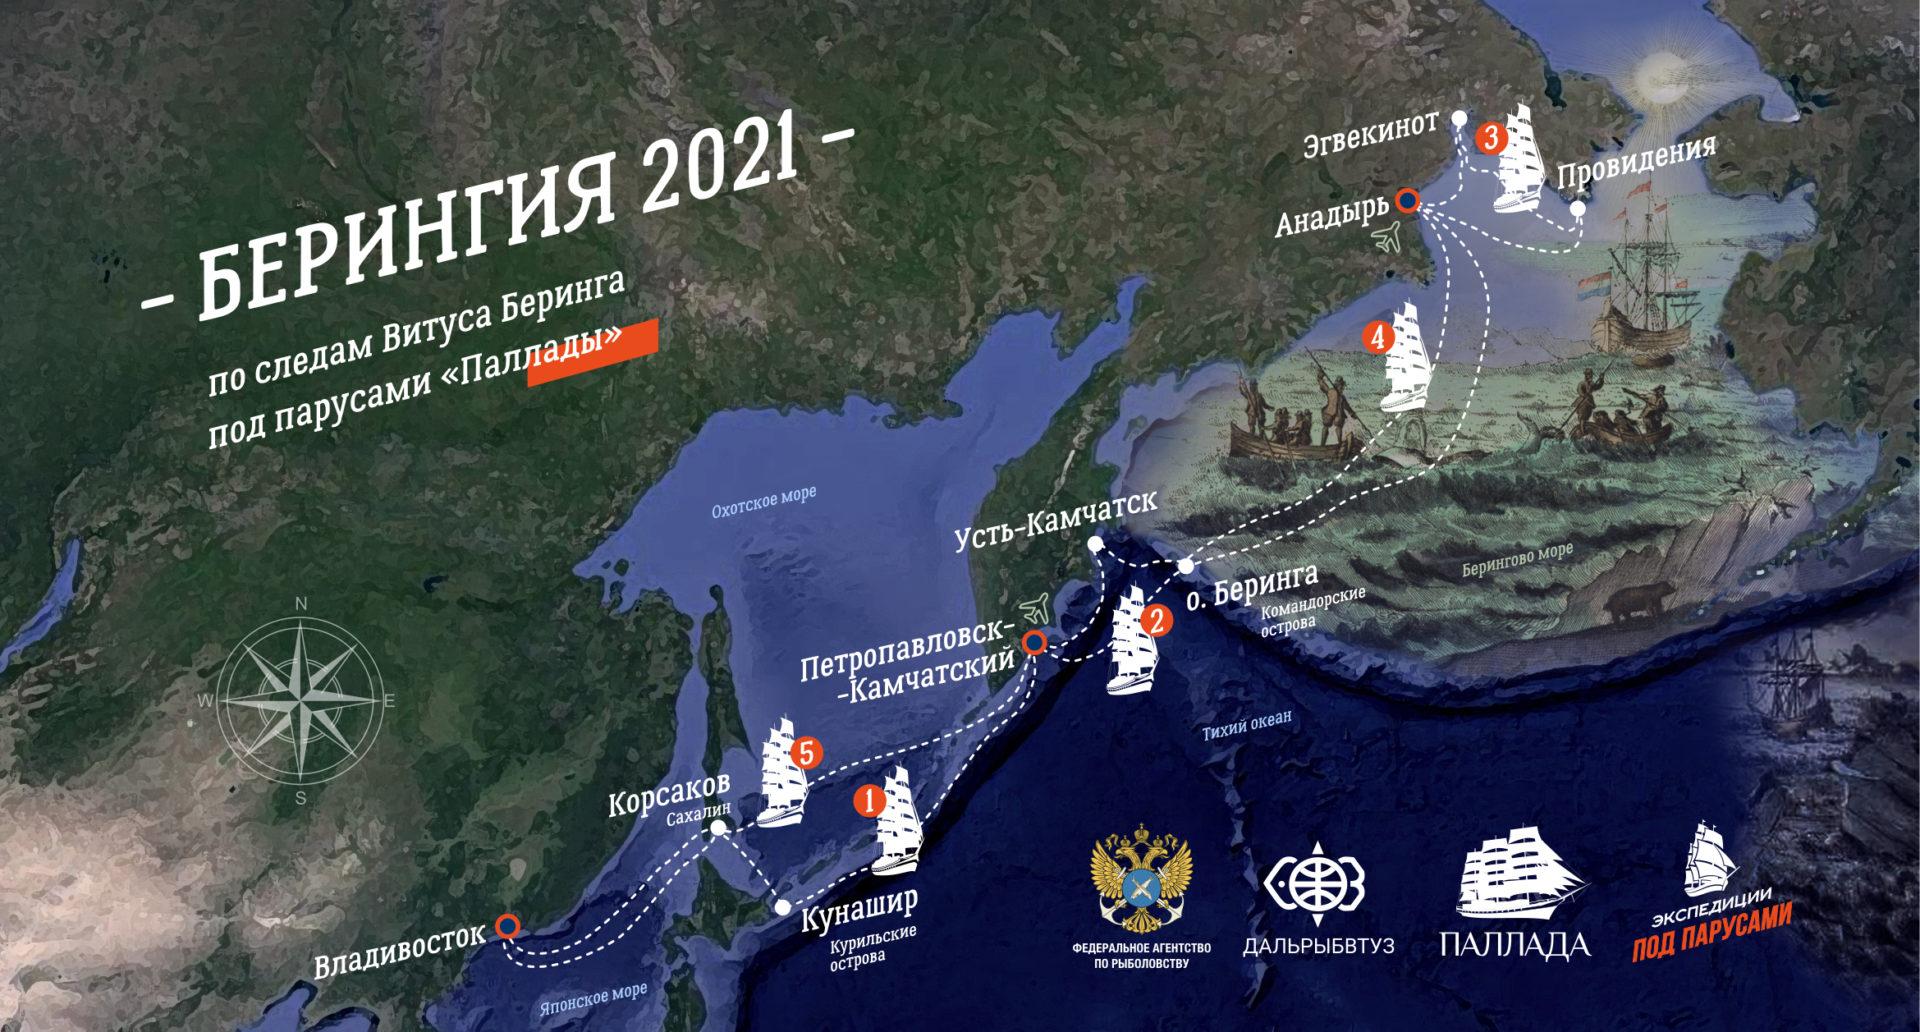 Берингия 2021